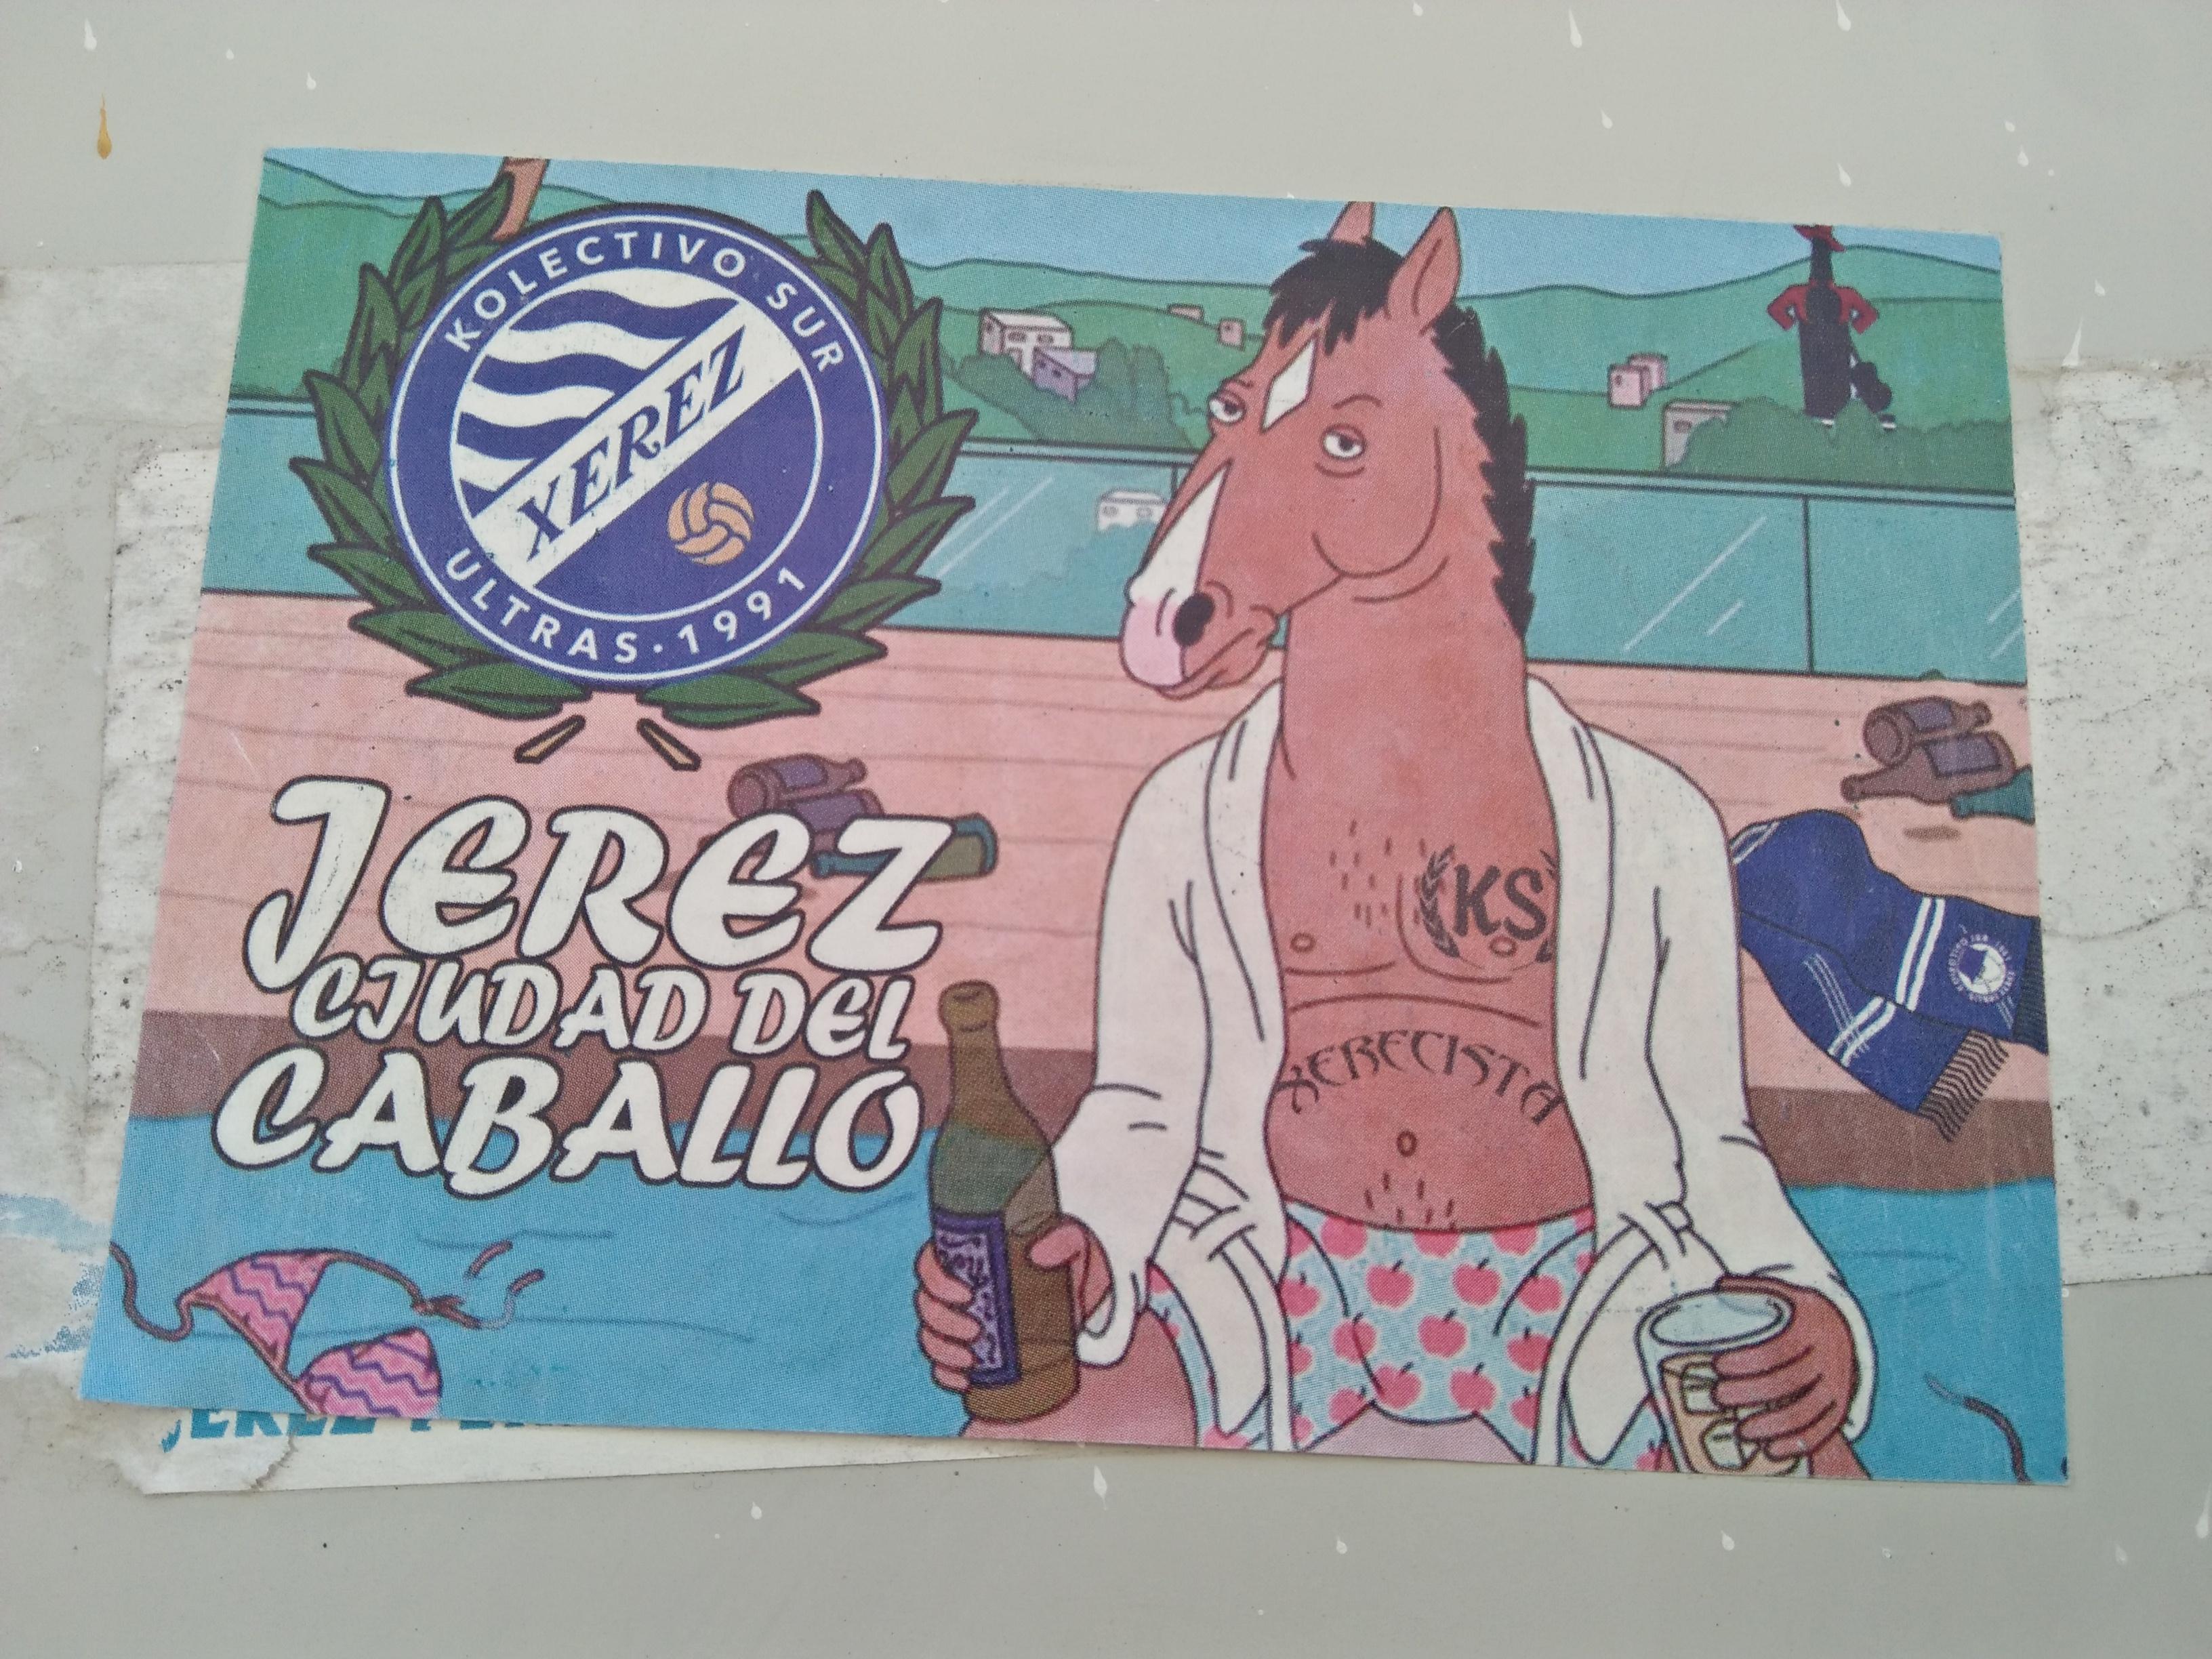 Xerez Deportivo caballo